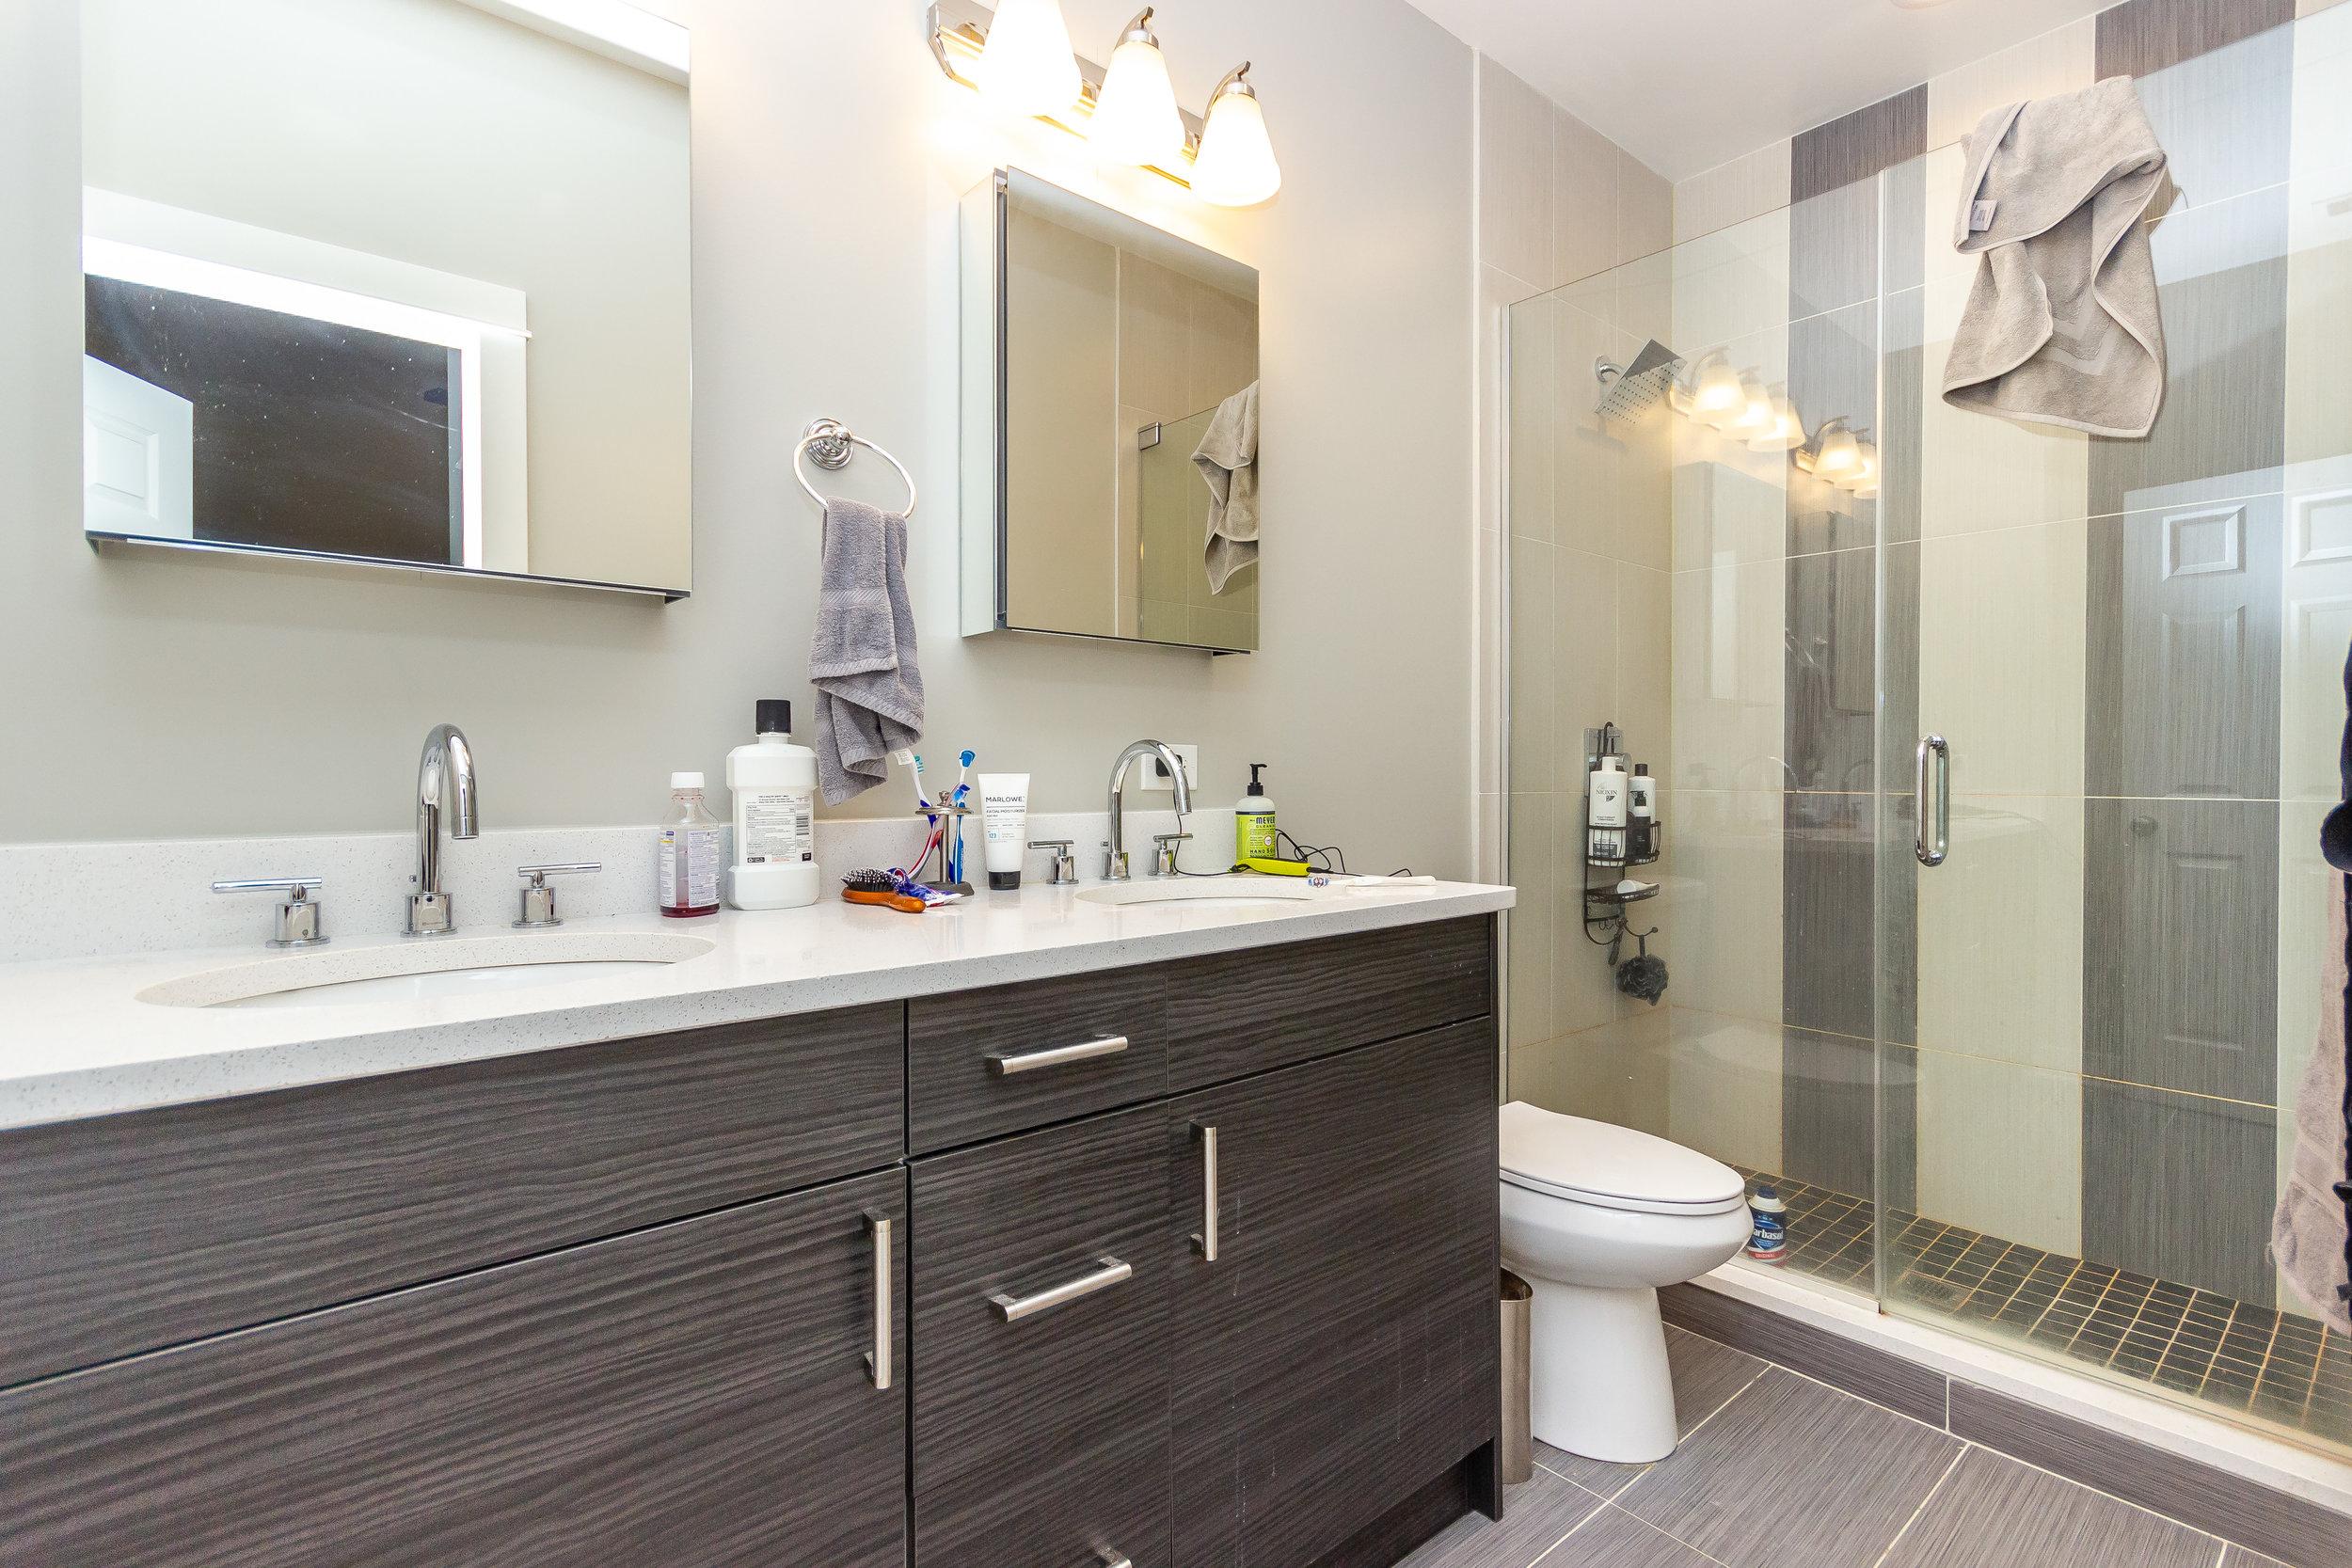 74_101masterbathroom.jpg